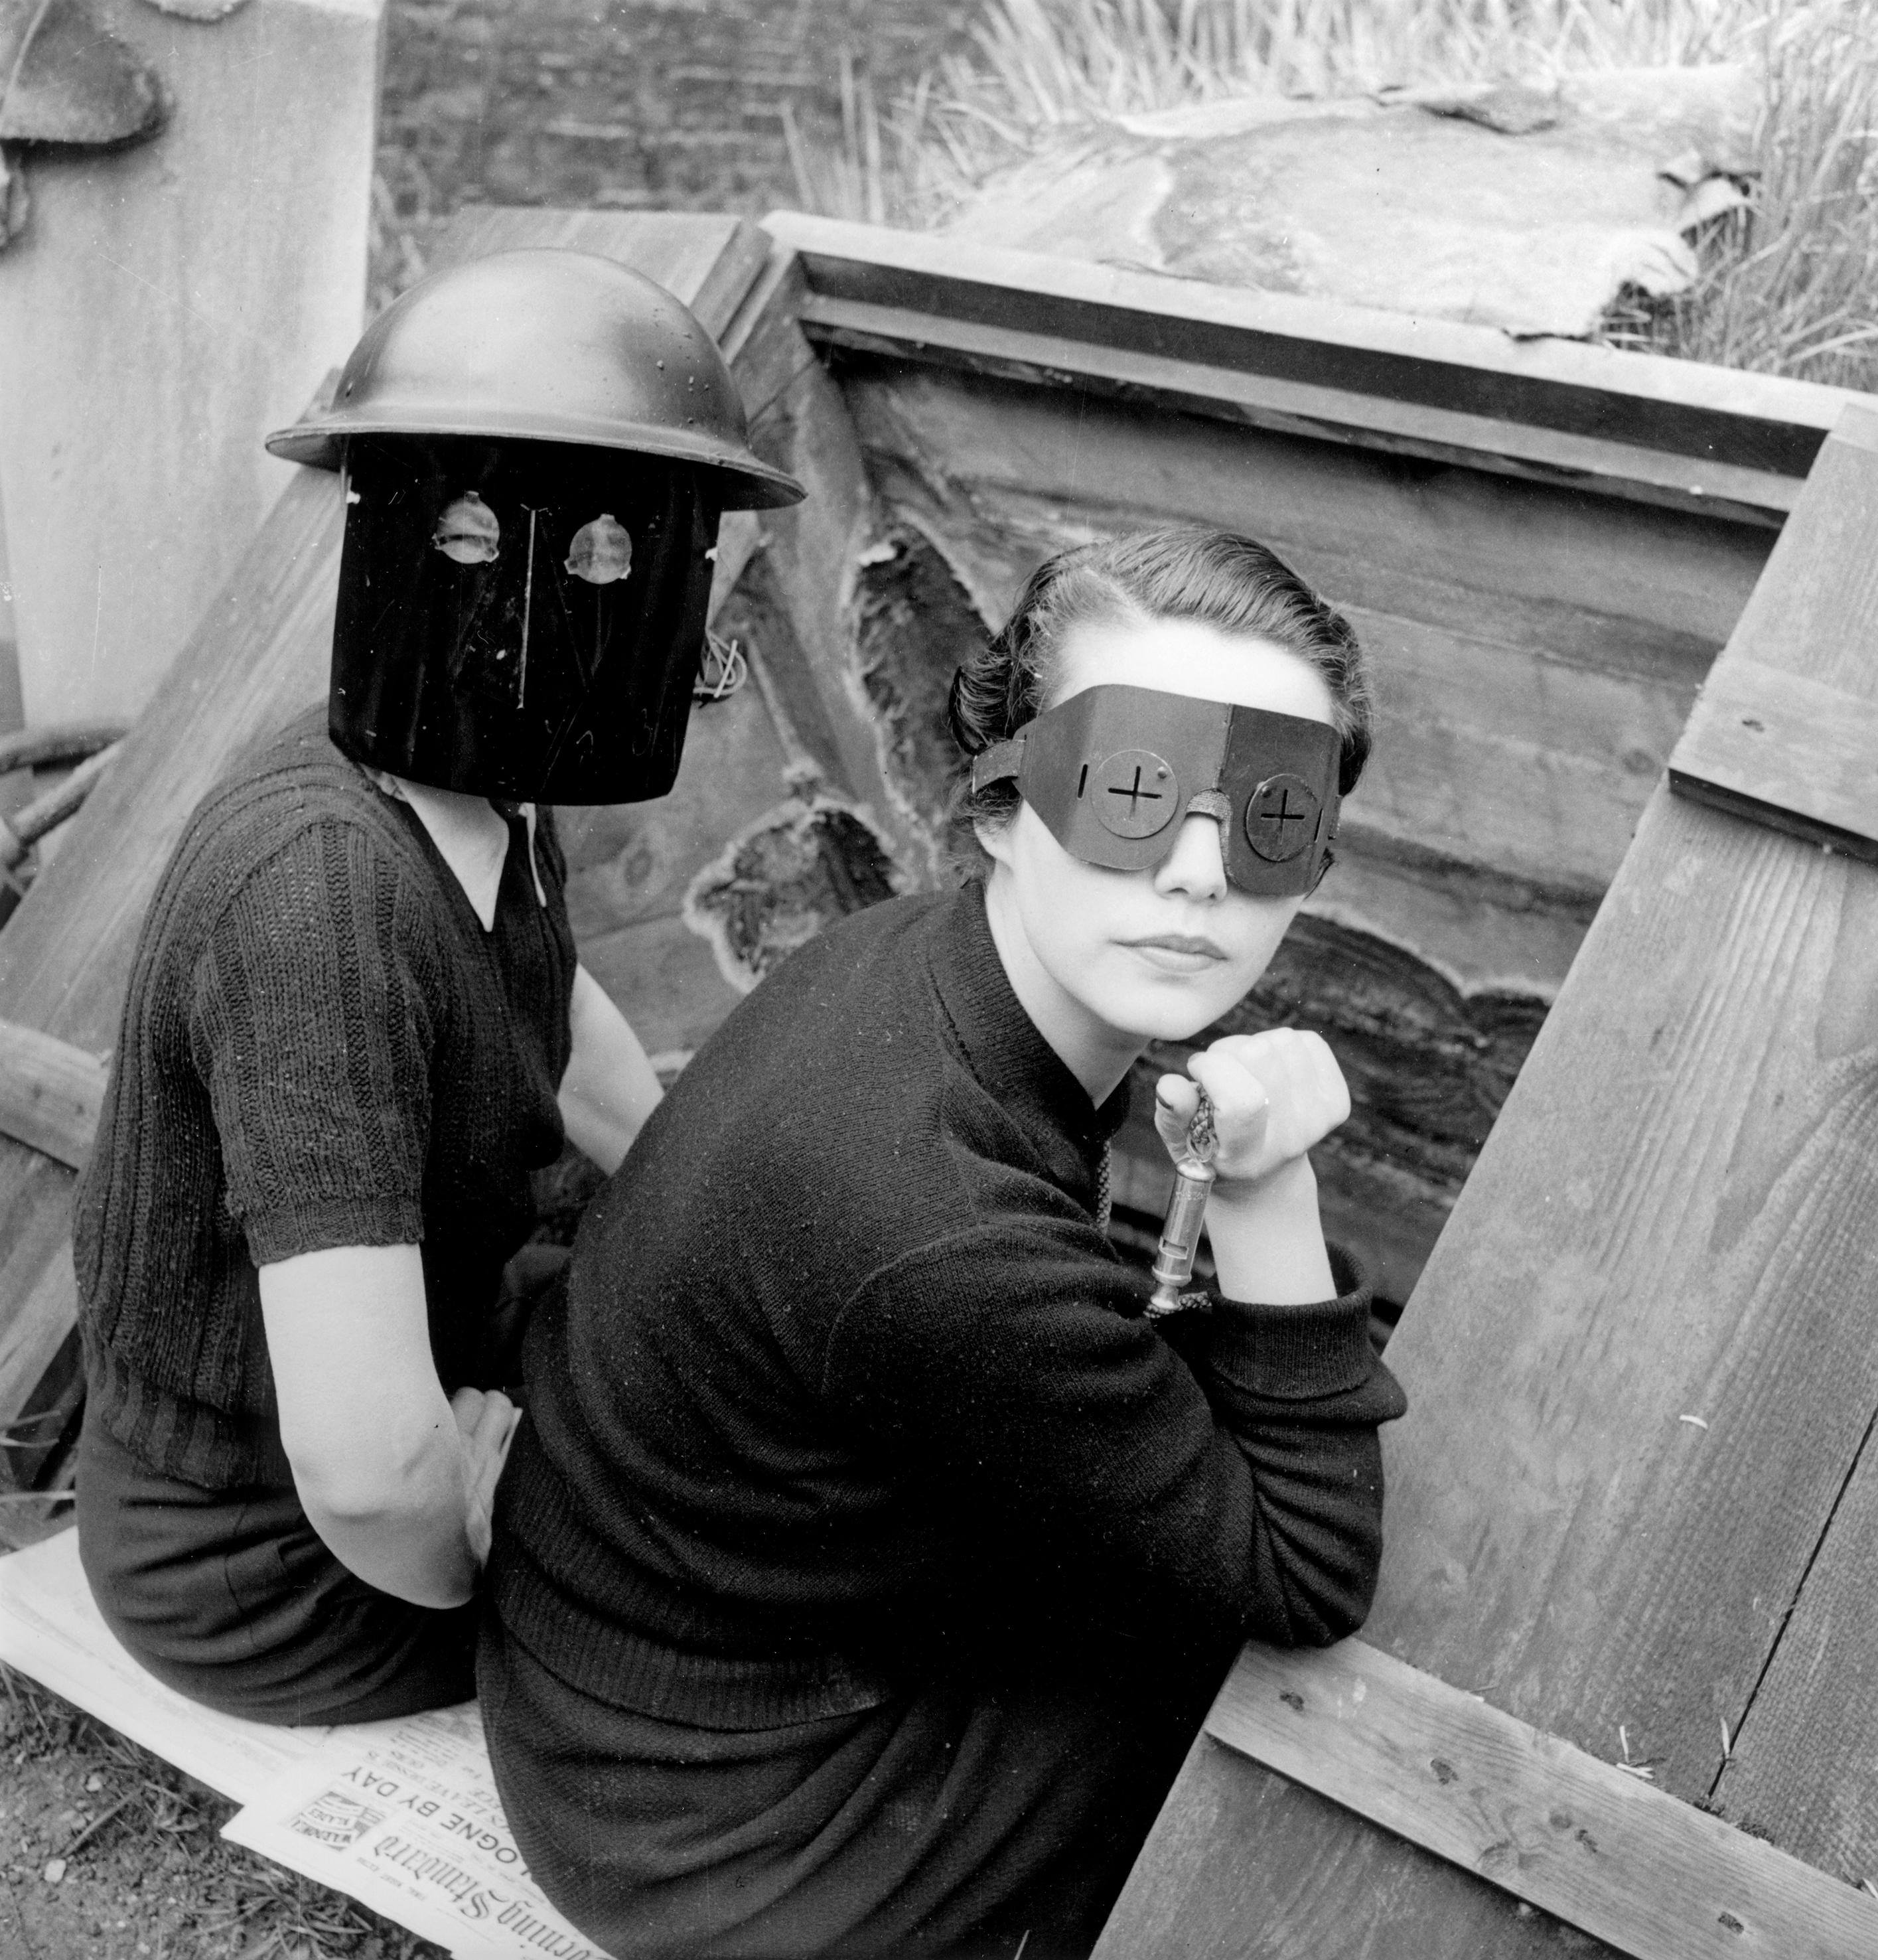 Lee Miller - Fotografin zwischen Krieg und Glamour